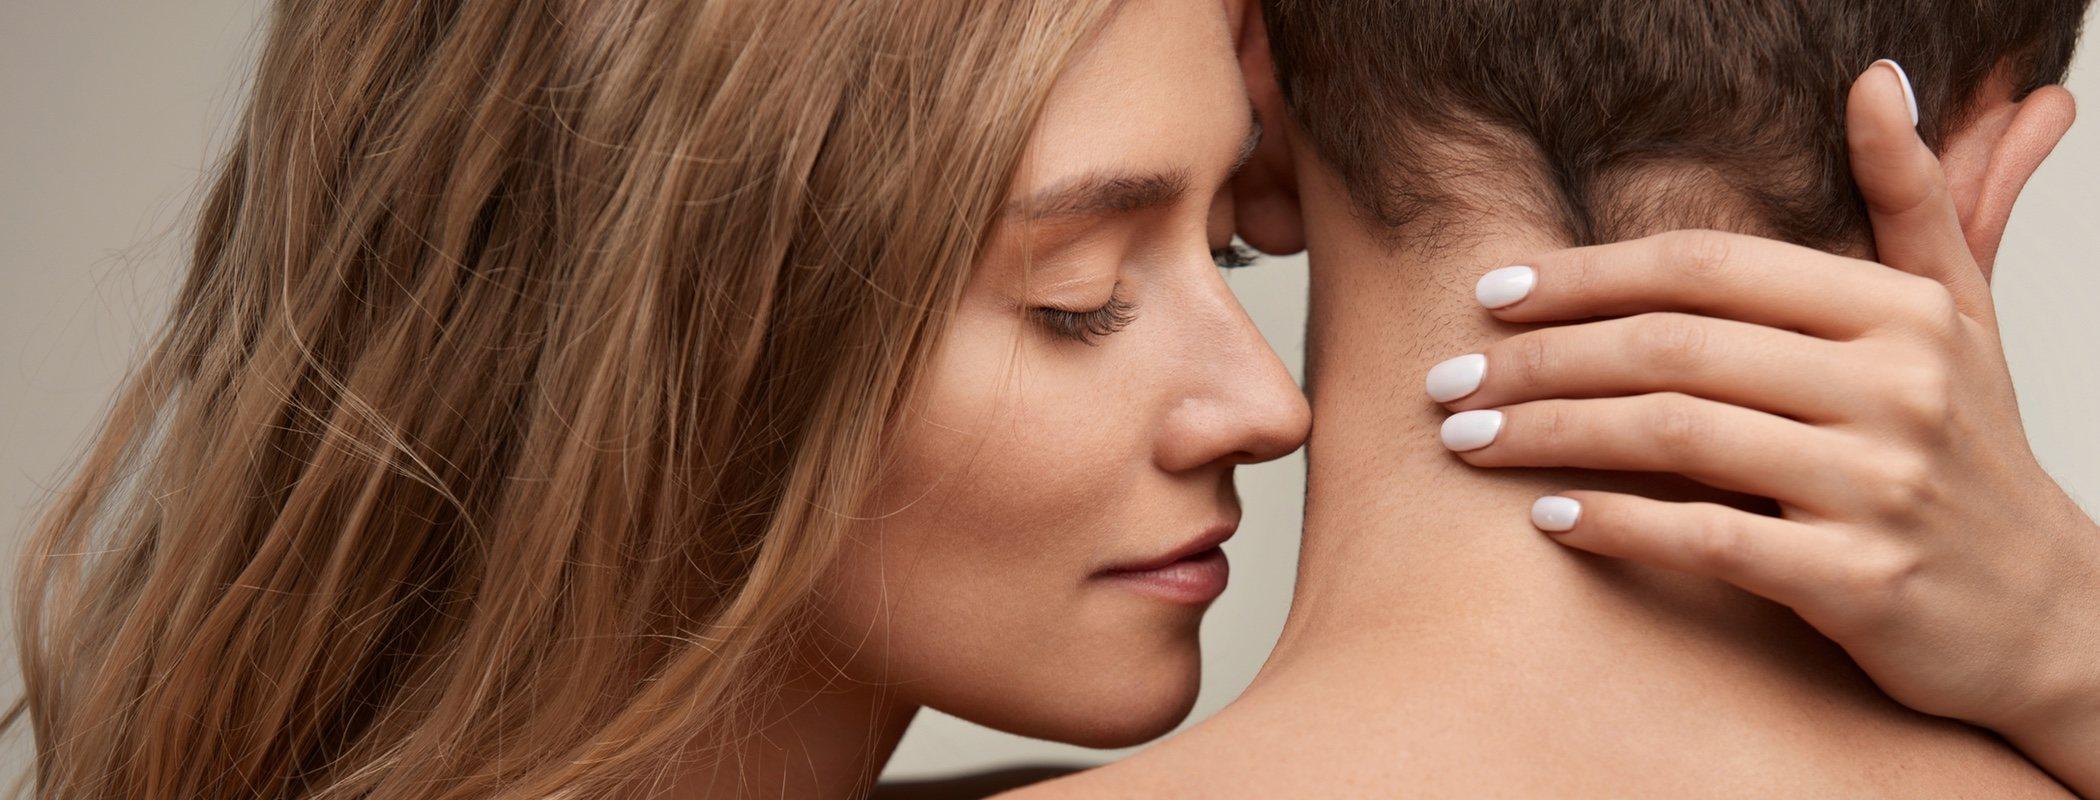 Perfumes con feromonas, ¿son eficaces?